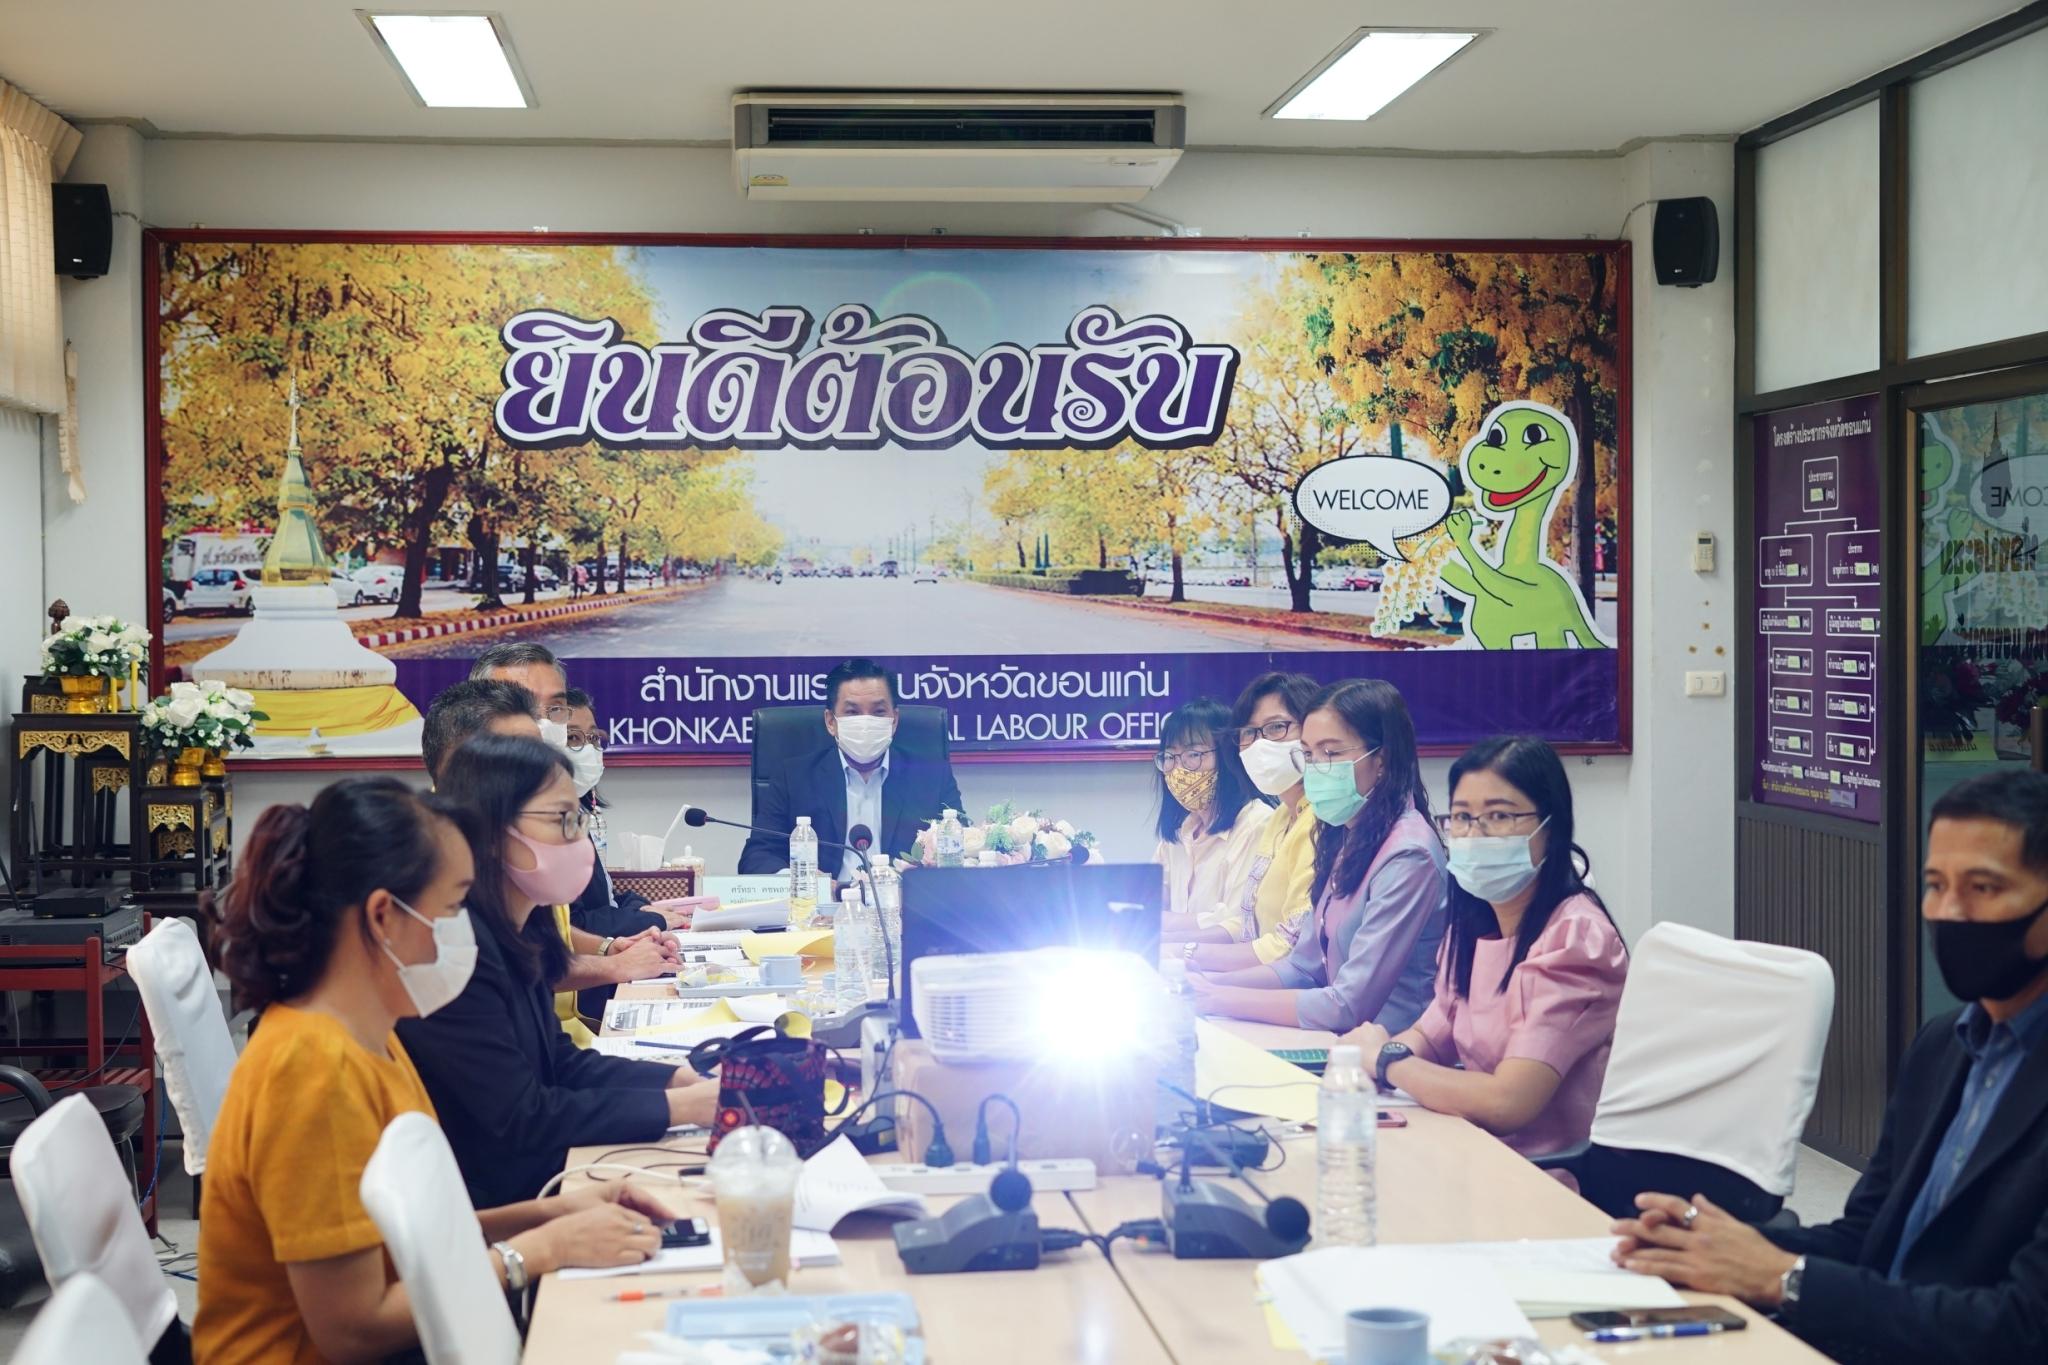 สำนักงานแรงงานจังหวัดขอนแก่นจัดประชุมหัวหน้าส่วนราชการ สังกัดกระทรวงแรงงานจังหวัดขอนแก่น ครั้งที่ 5/2564